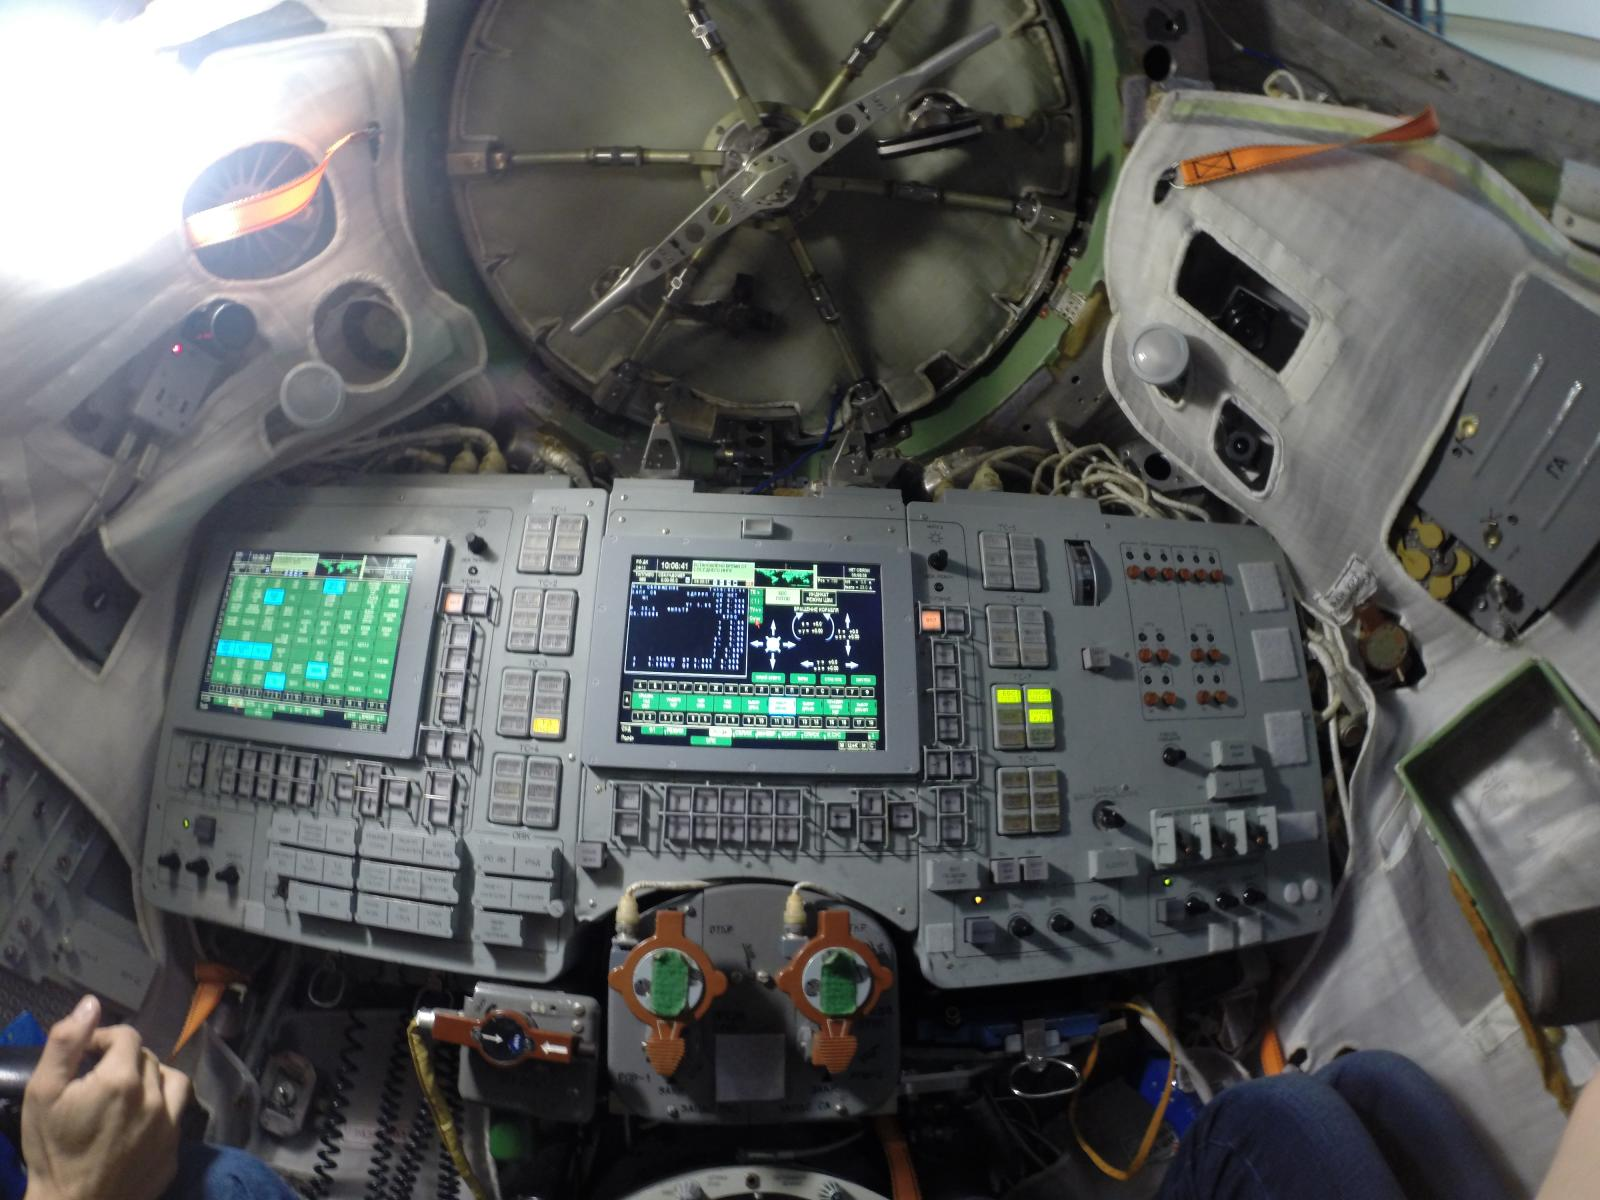 russian spacecraft soyuz - photo #33